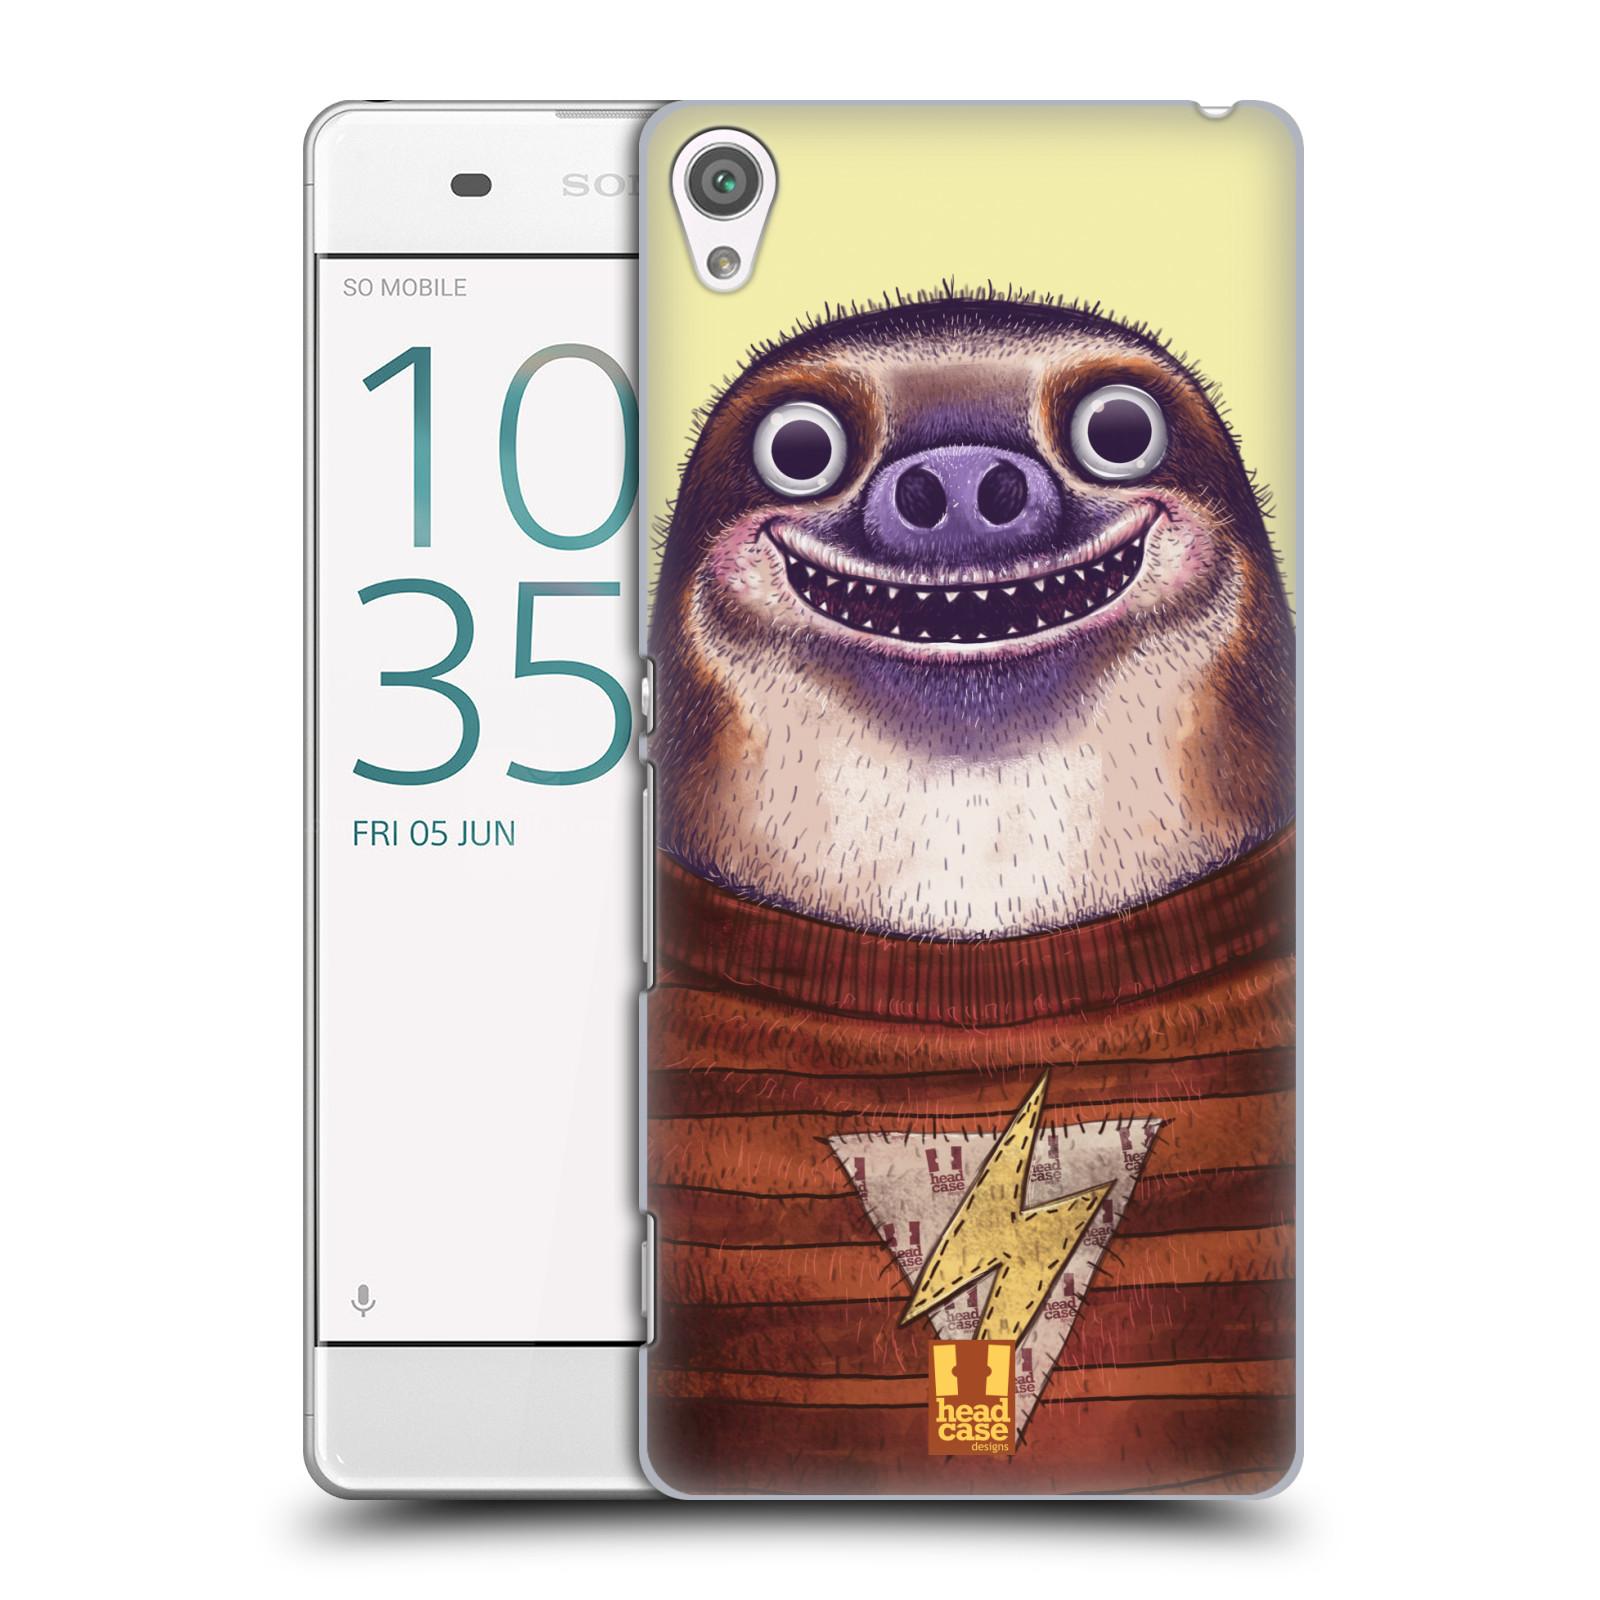 Plastové pouzdro na mobil Sony Xperia XA HEAD CASE ANIMPLA LENOCHOD